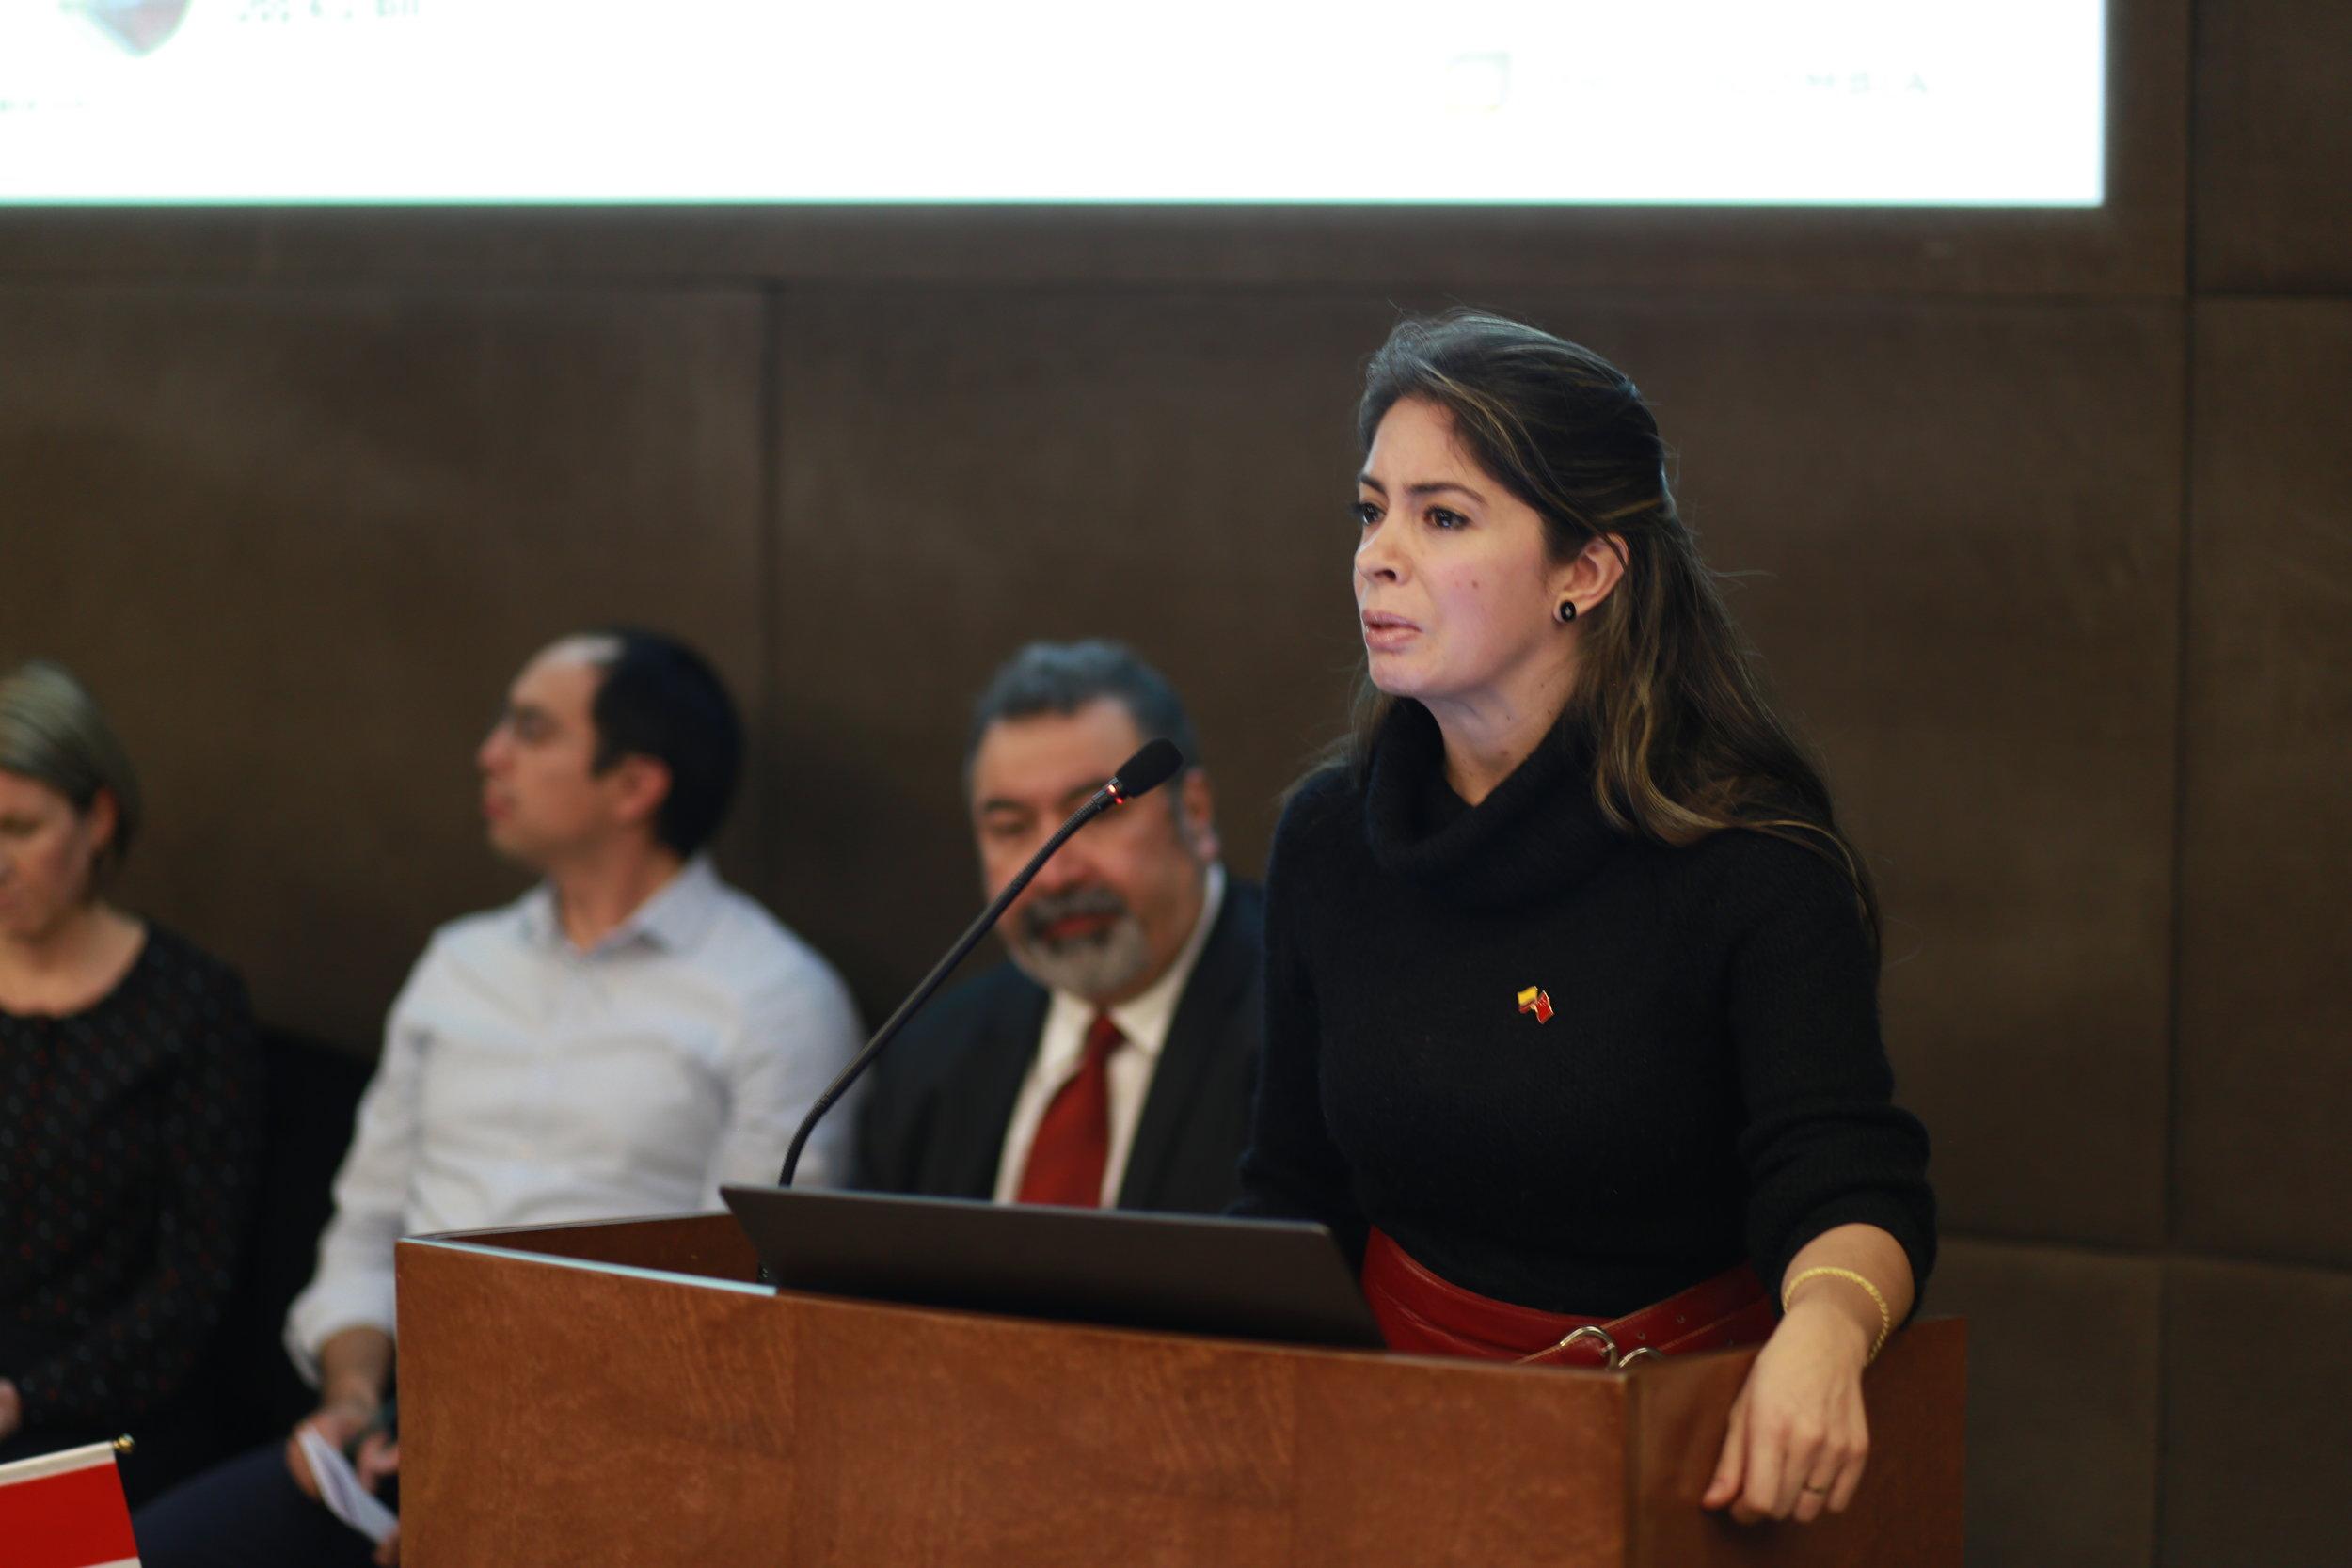 Camila Hormaza del Consulado colombiano presentando en el Global Local Leadership Forum 2018